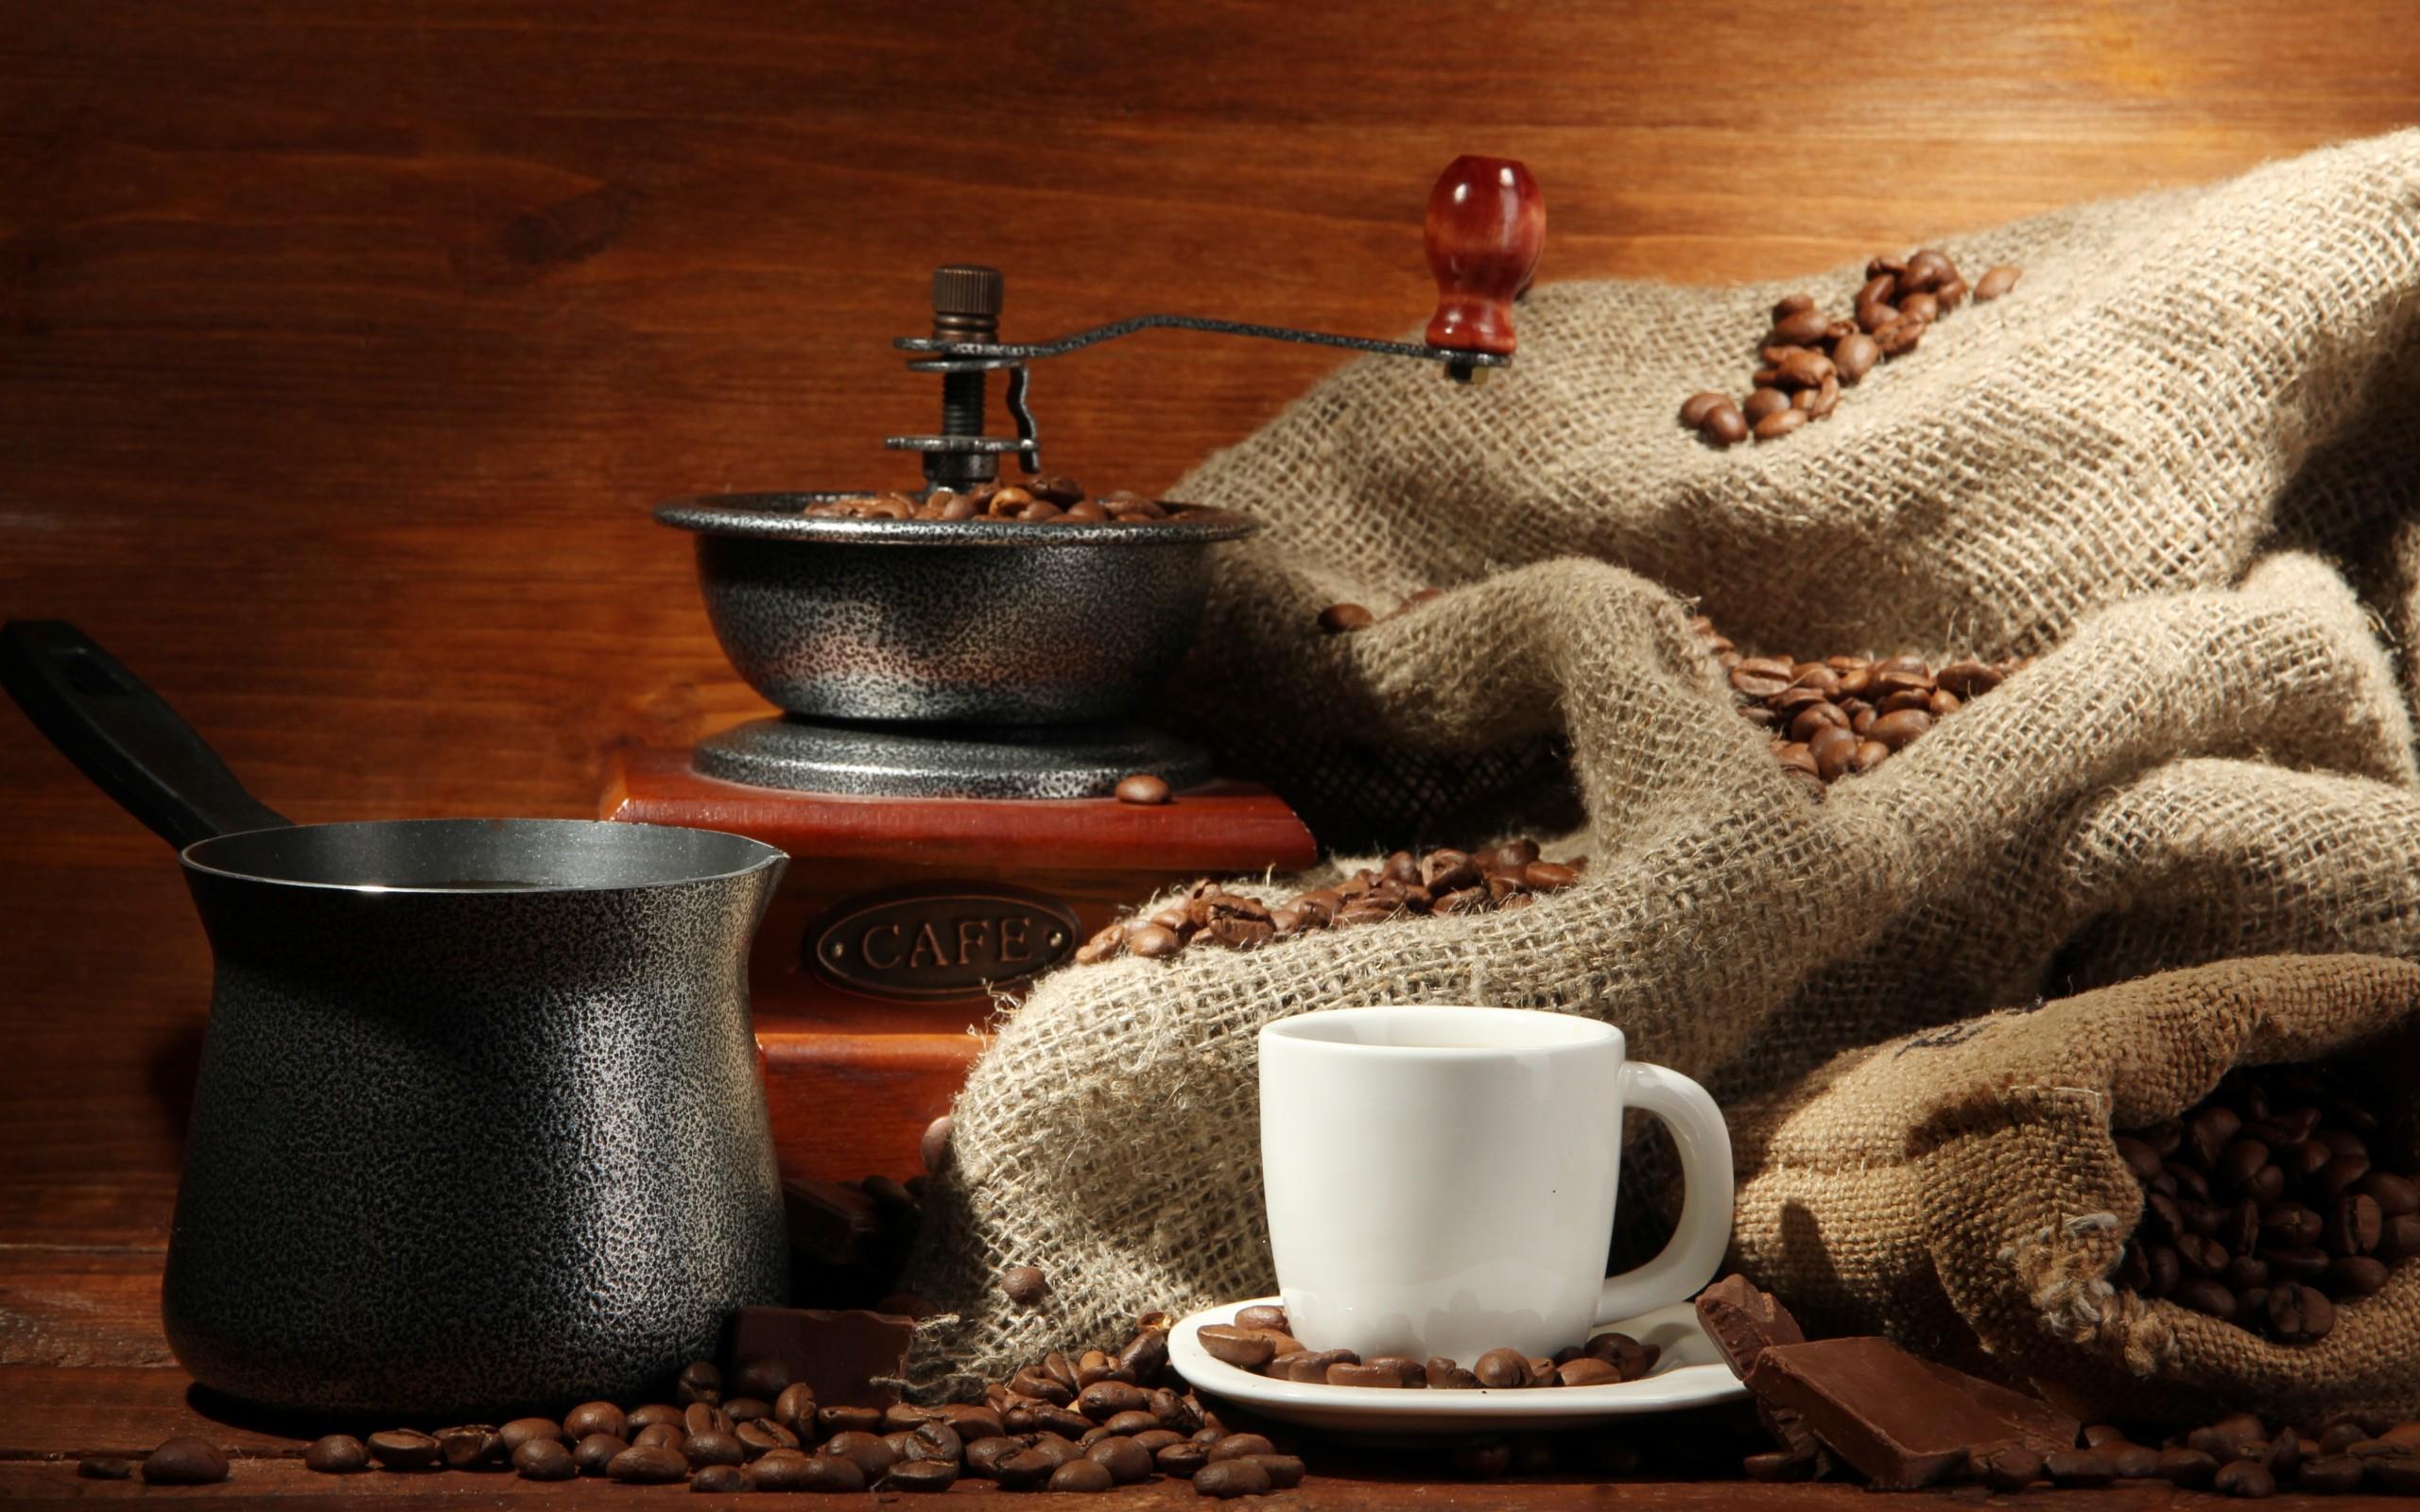 Красивые картинки чашка кофе фото 1 штук